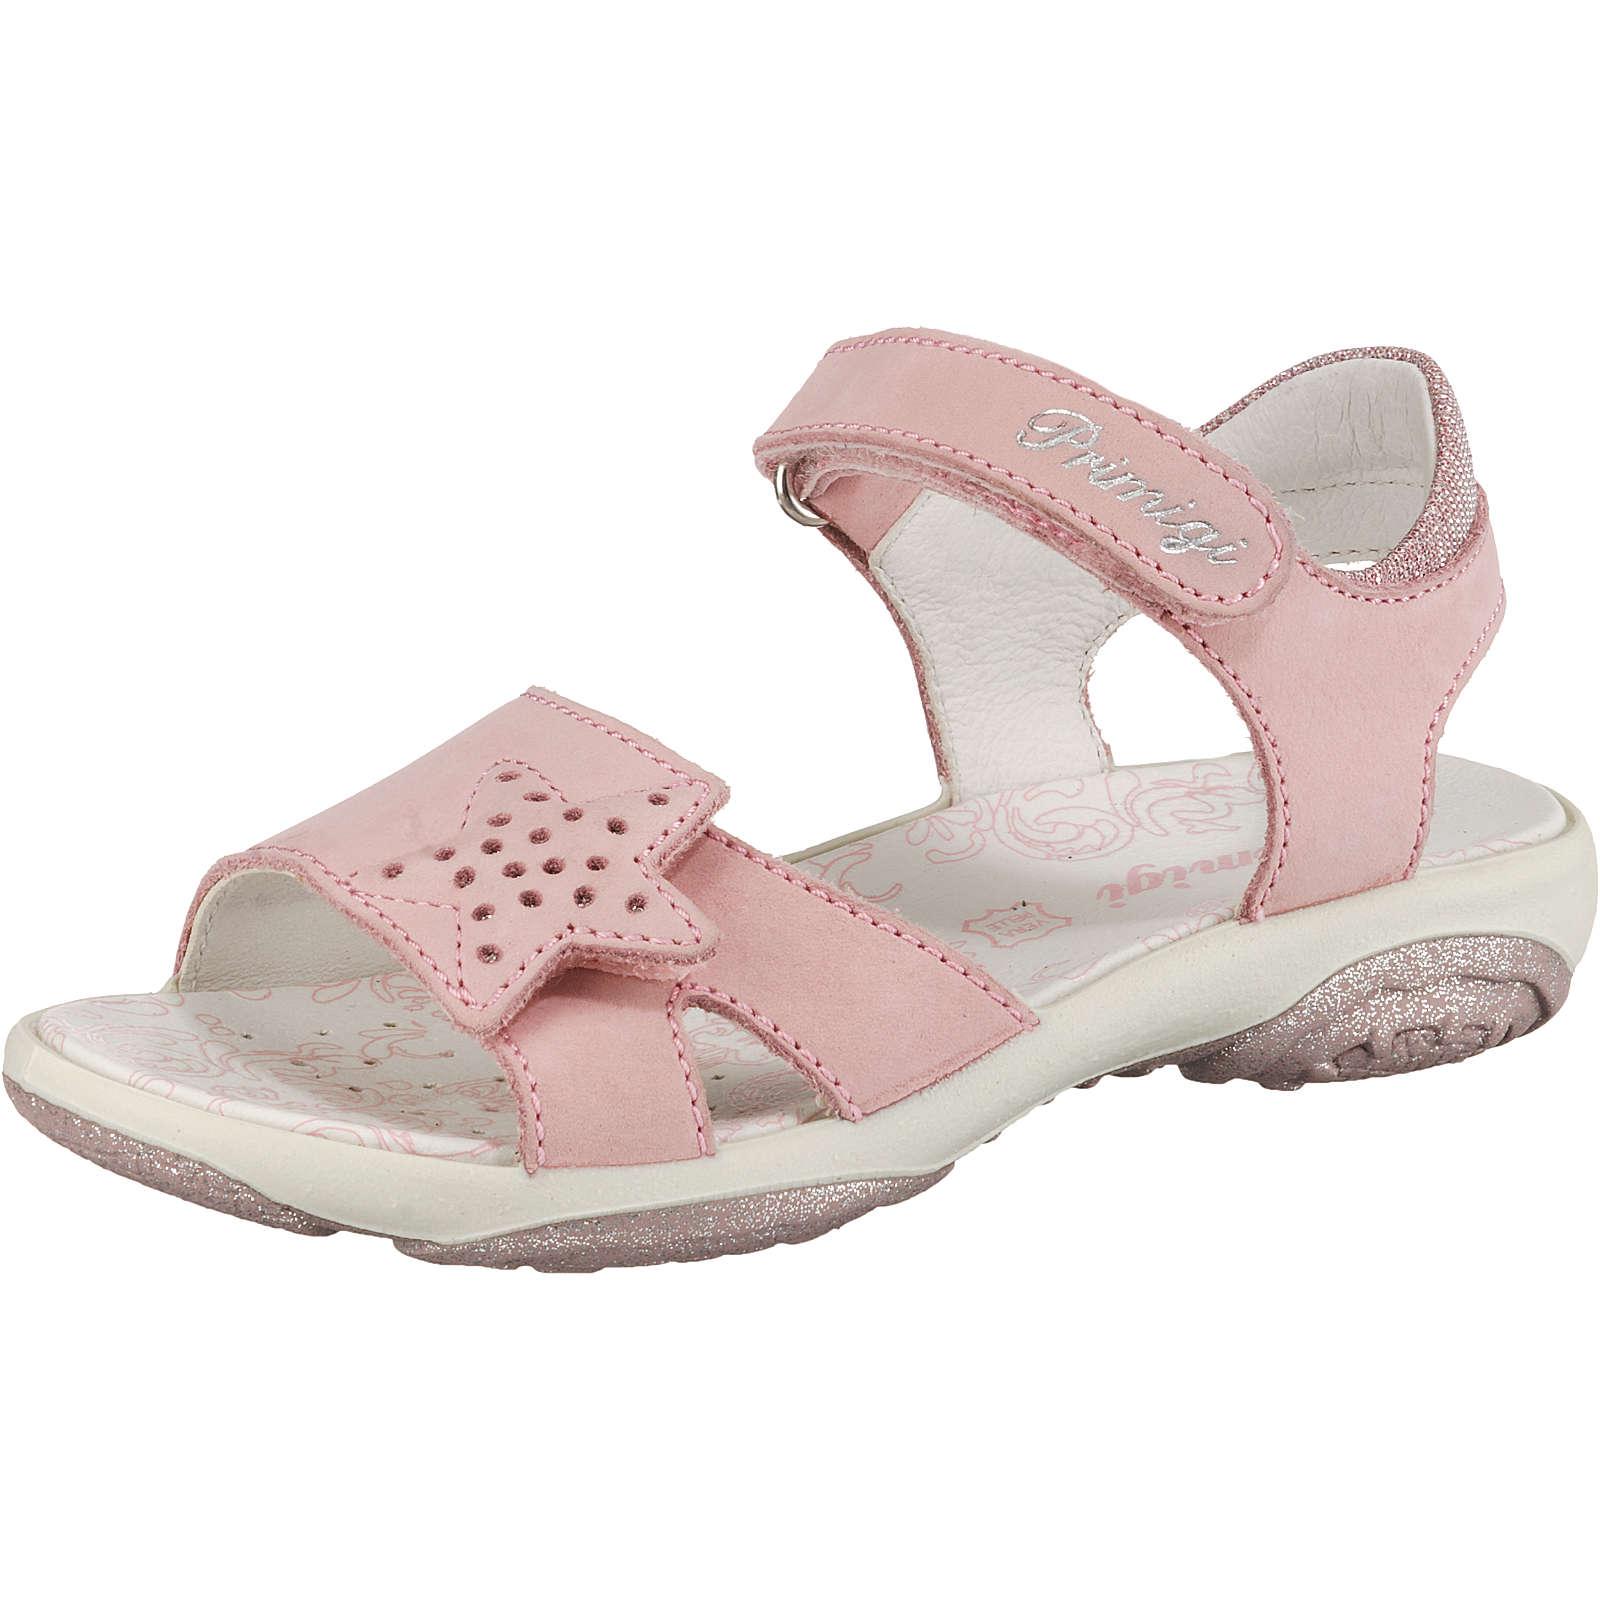 PRIMIGI Sandalen für Mädchen rosa Mädchen Gr. 33